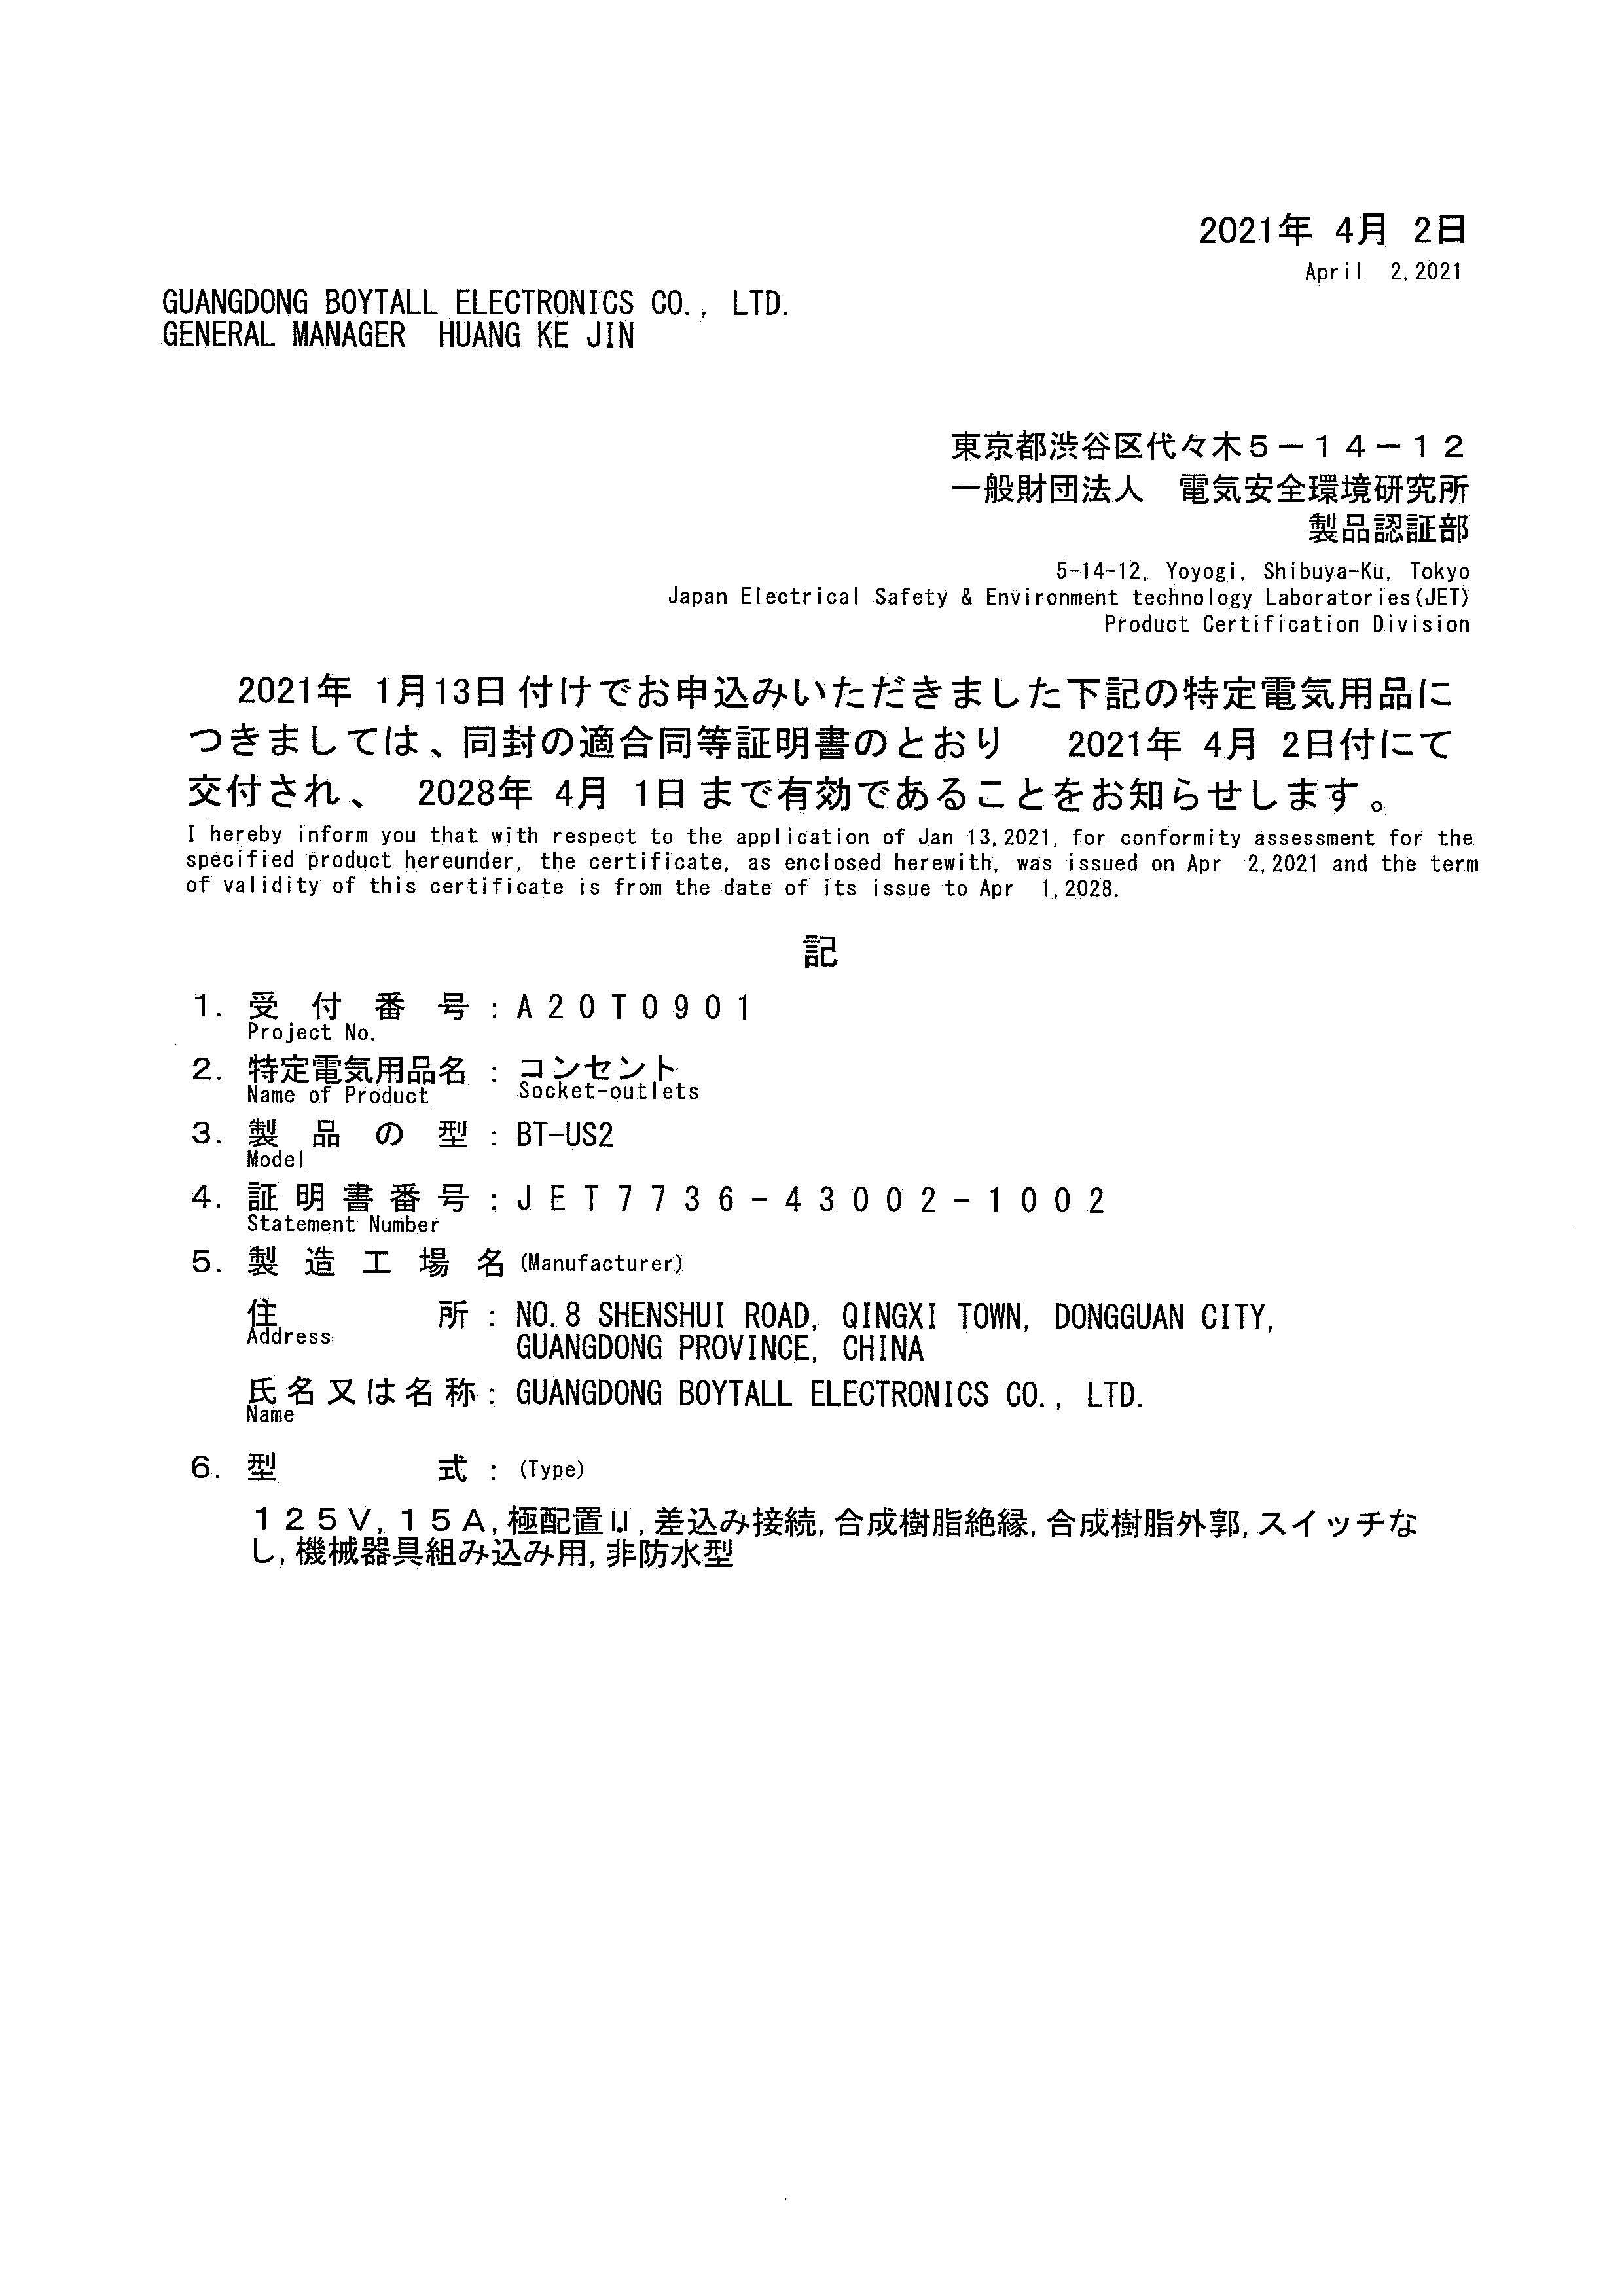 PSE美式三孔证书